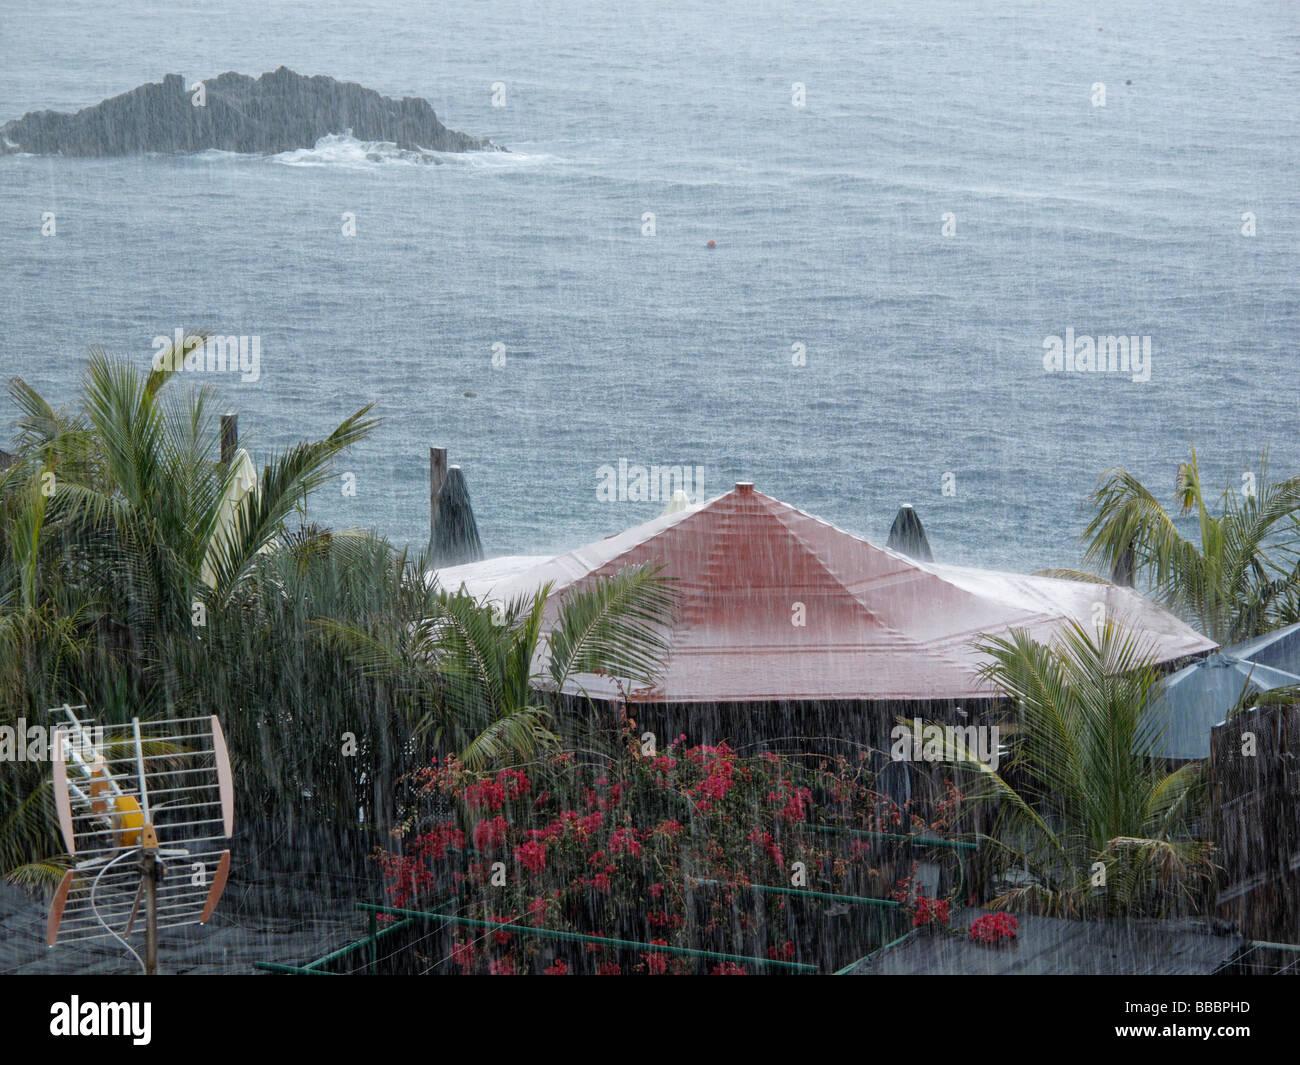 Heavy rainfall, La Bombilla, La Palma, Canary Islands, Spain - Stock Image